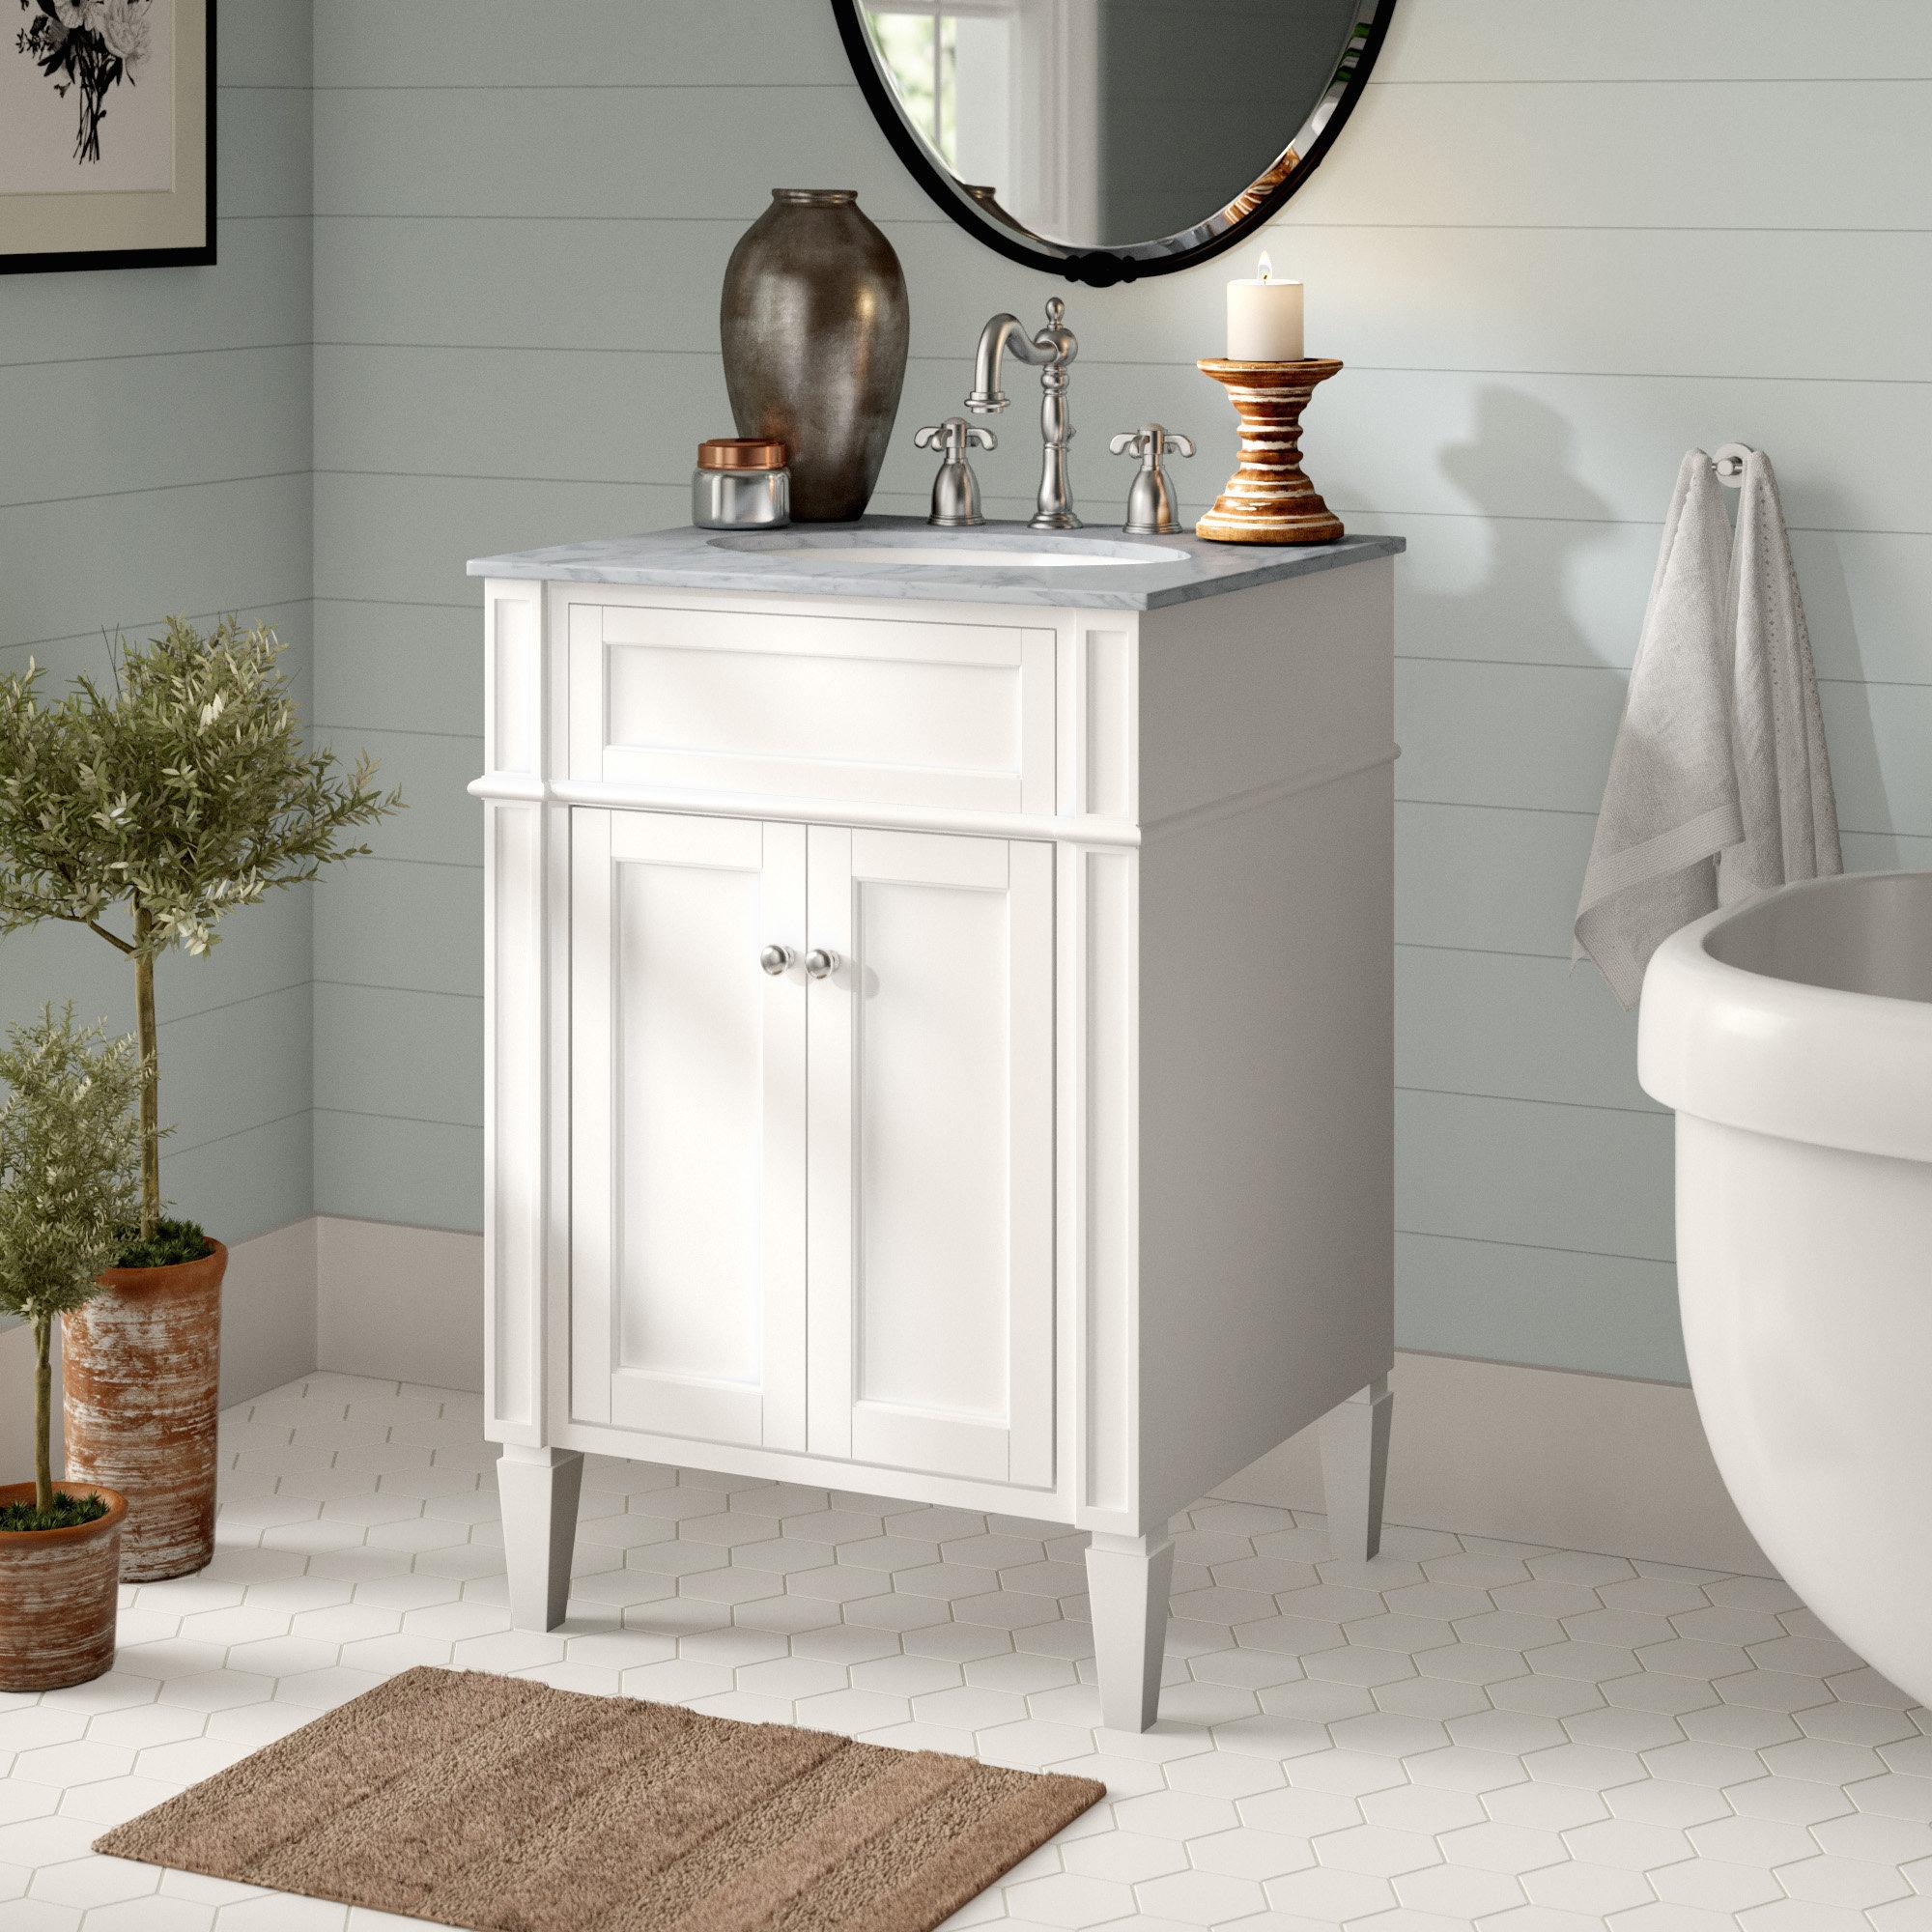 Eleanor 24 Single Bathroom Vanity Set